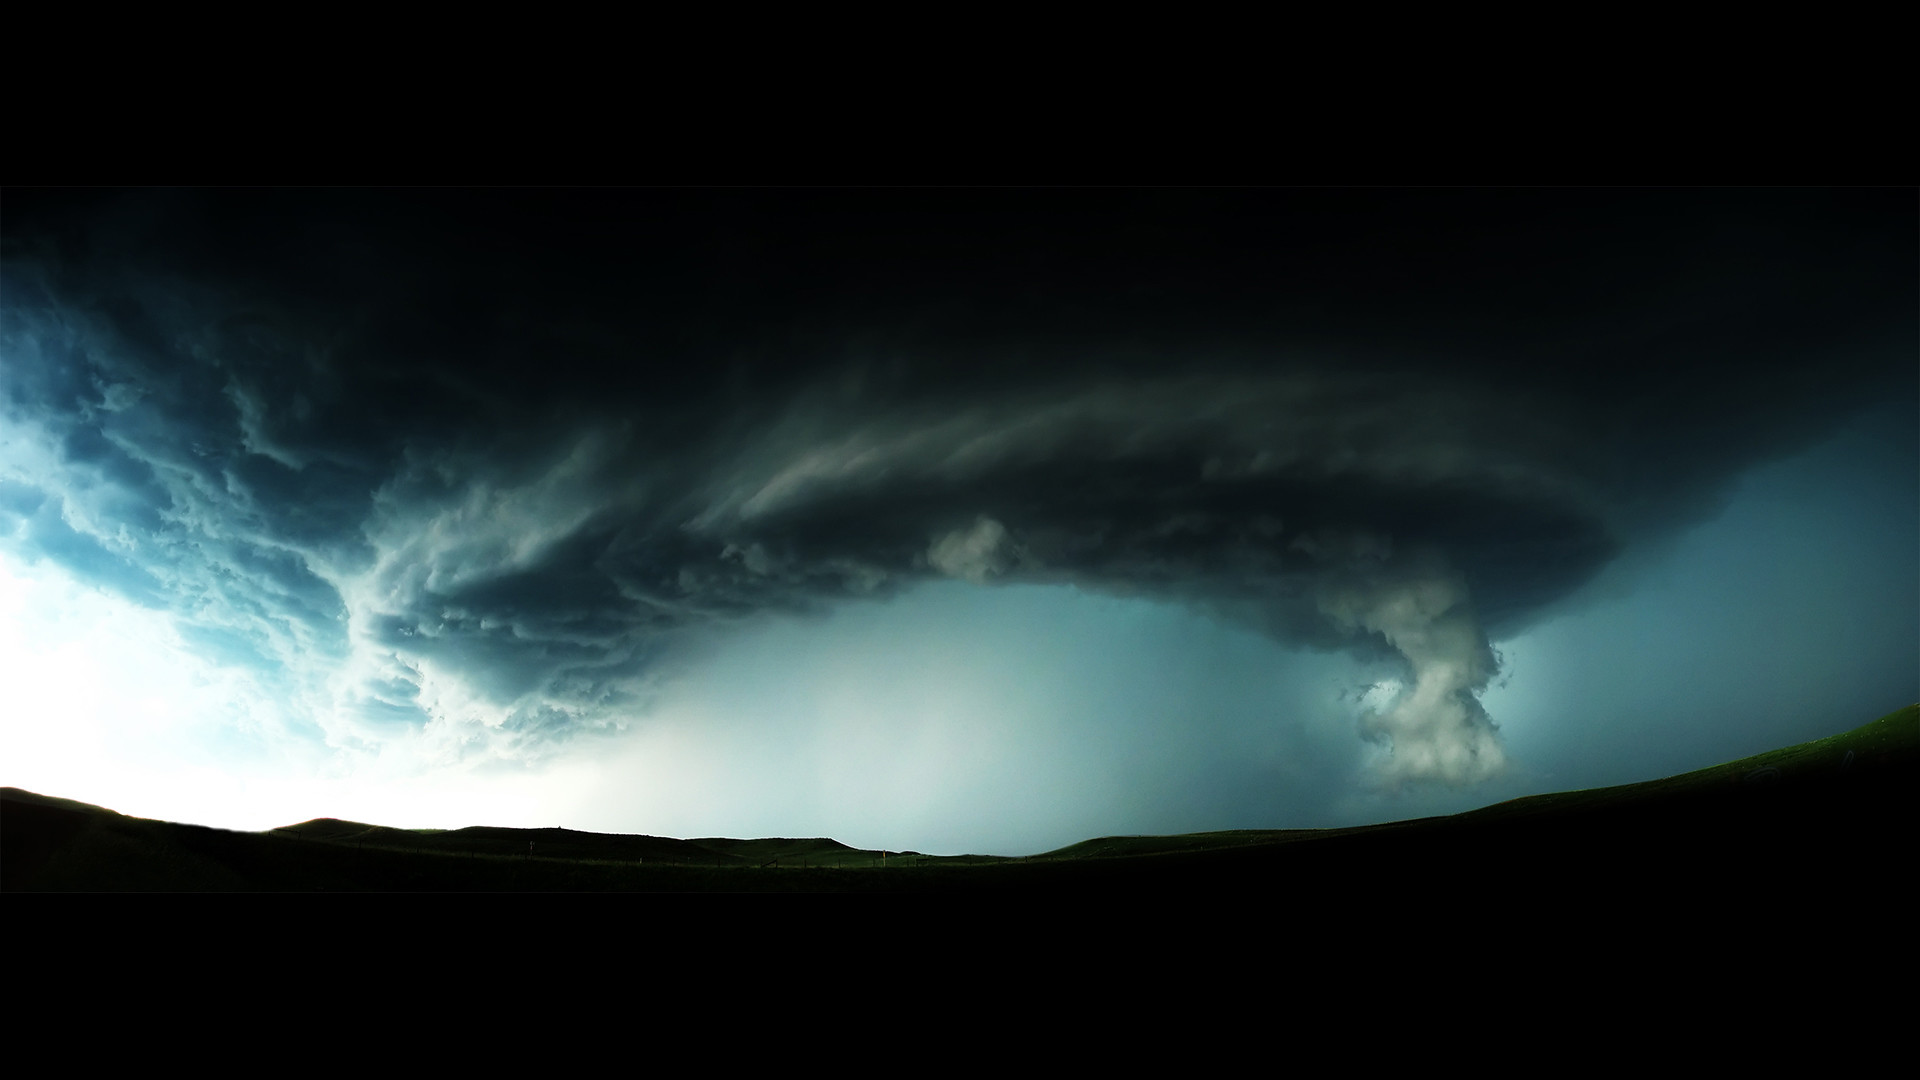 учебник эпический шторм библейских масштабов фото для собак